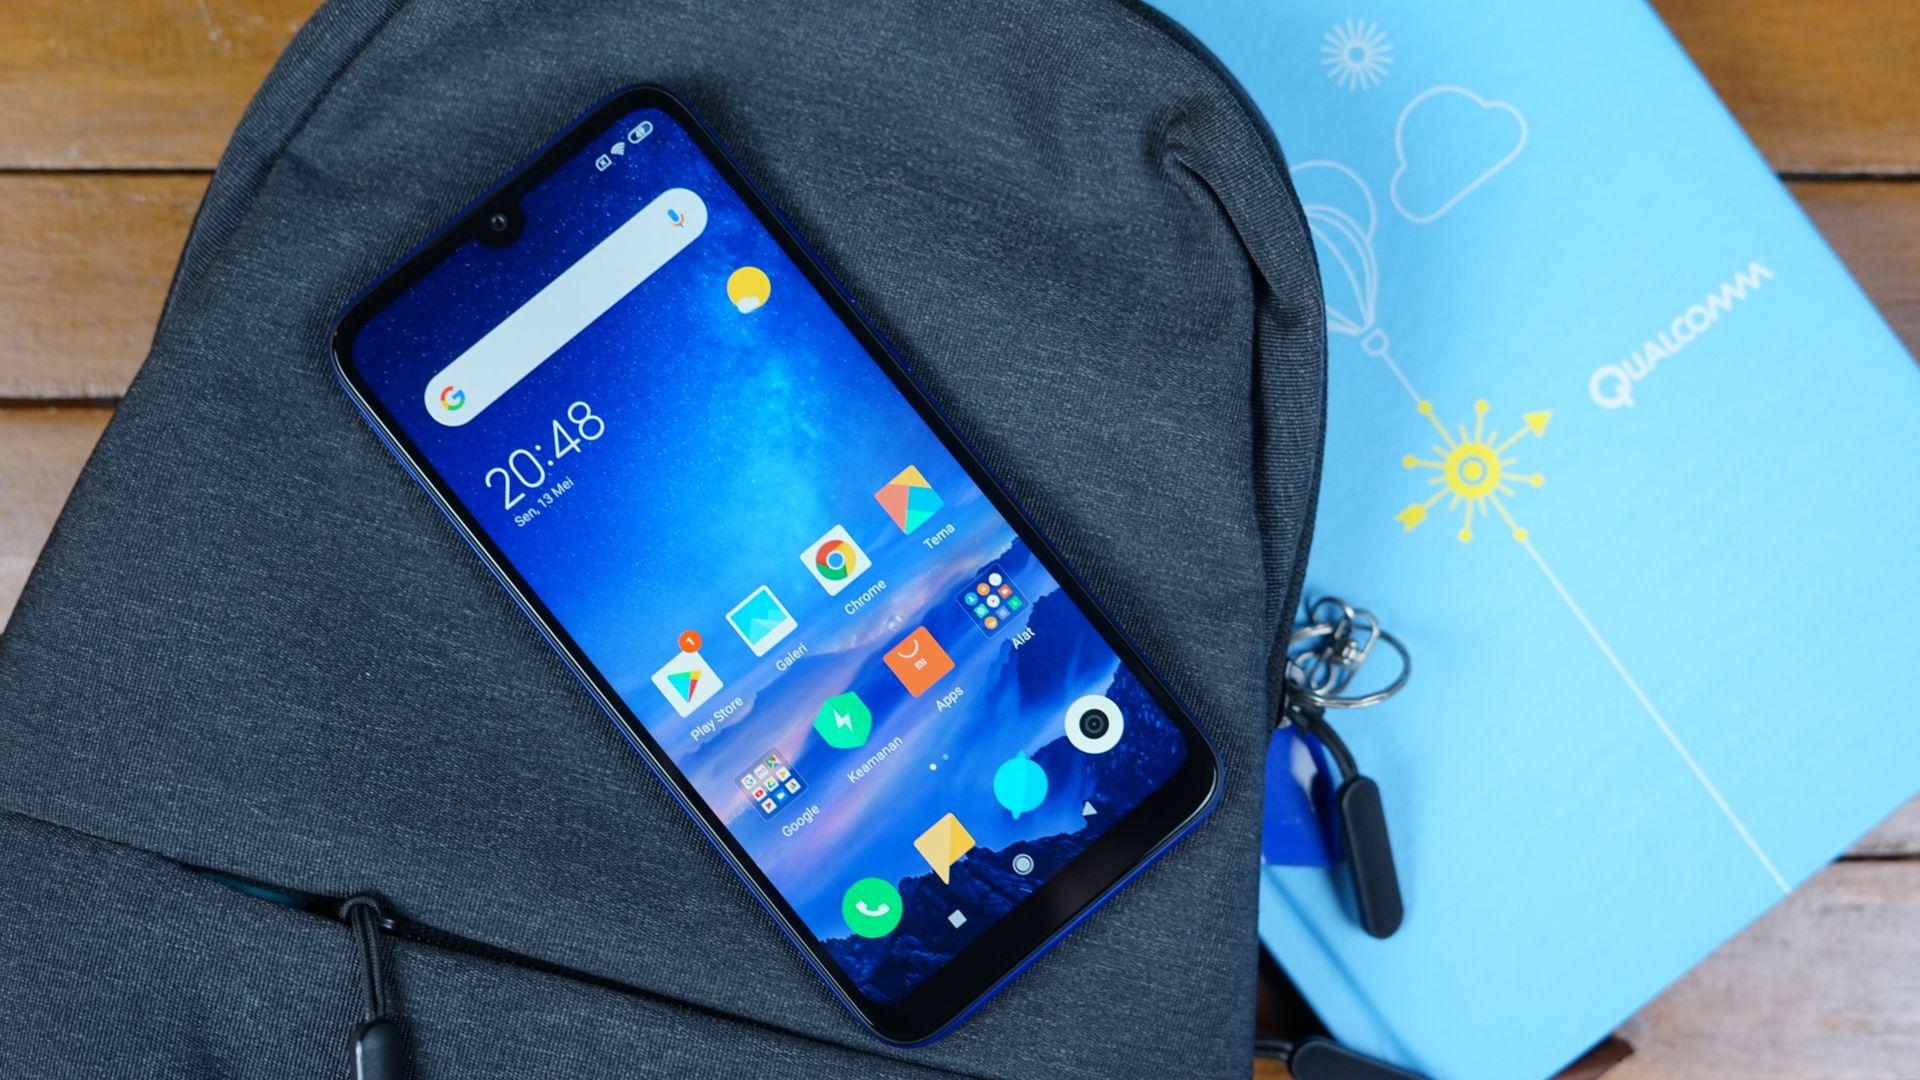 Redmi Note 8, da Xiaomi, é o celular mais vendido em julho de 2020. (Foto: Shutterstock/Lukmanazis)